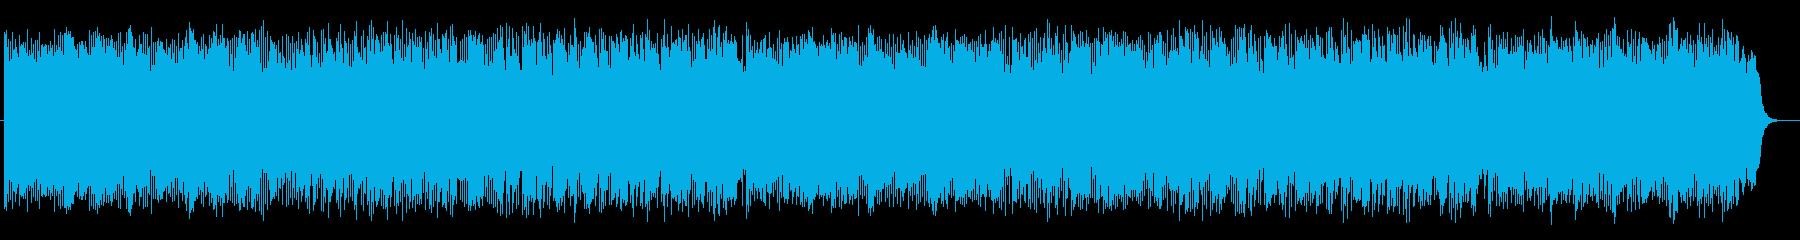 夕方と夜をつなぐ宇宙的なリズミック音楽の再生済みの波形